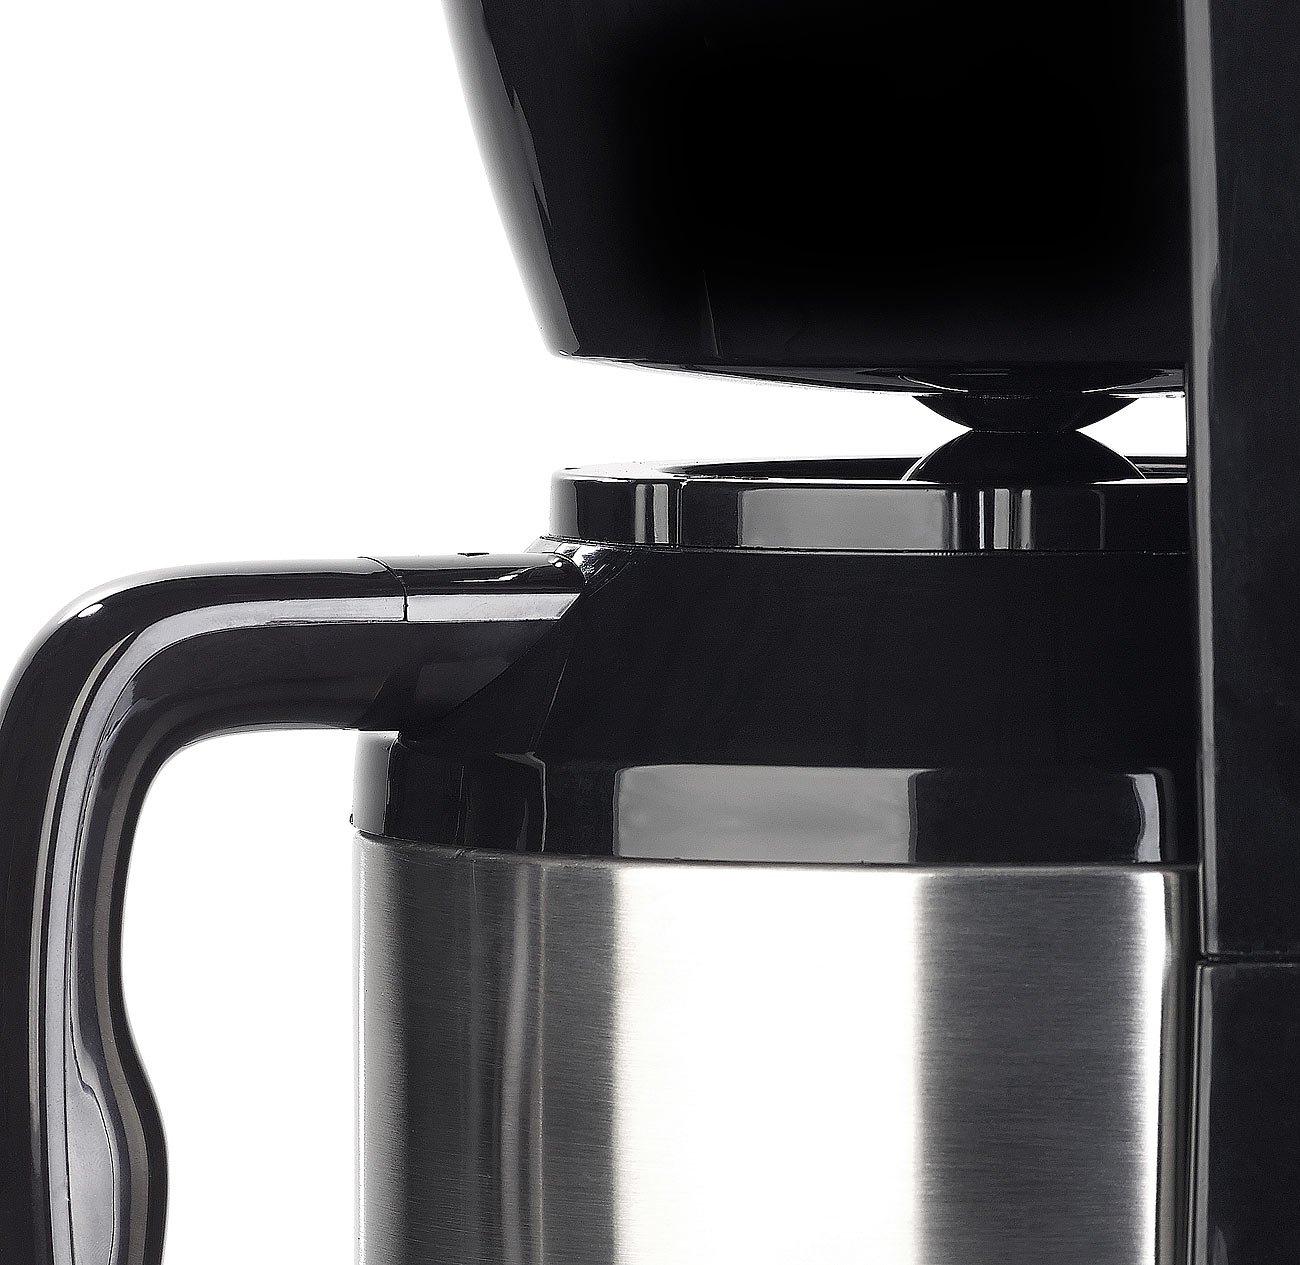 Rosenstein-Shne-Kaffeemaschine-Filterkaffee-Maschine-mit-Isolierkanne-1-Liter-8-Tassen-800-Watt-Filterkaffeemaschine